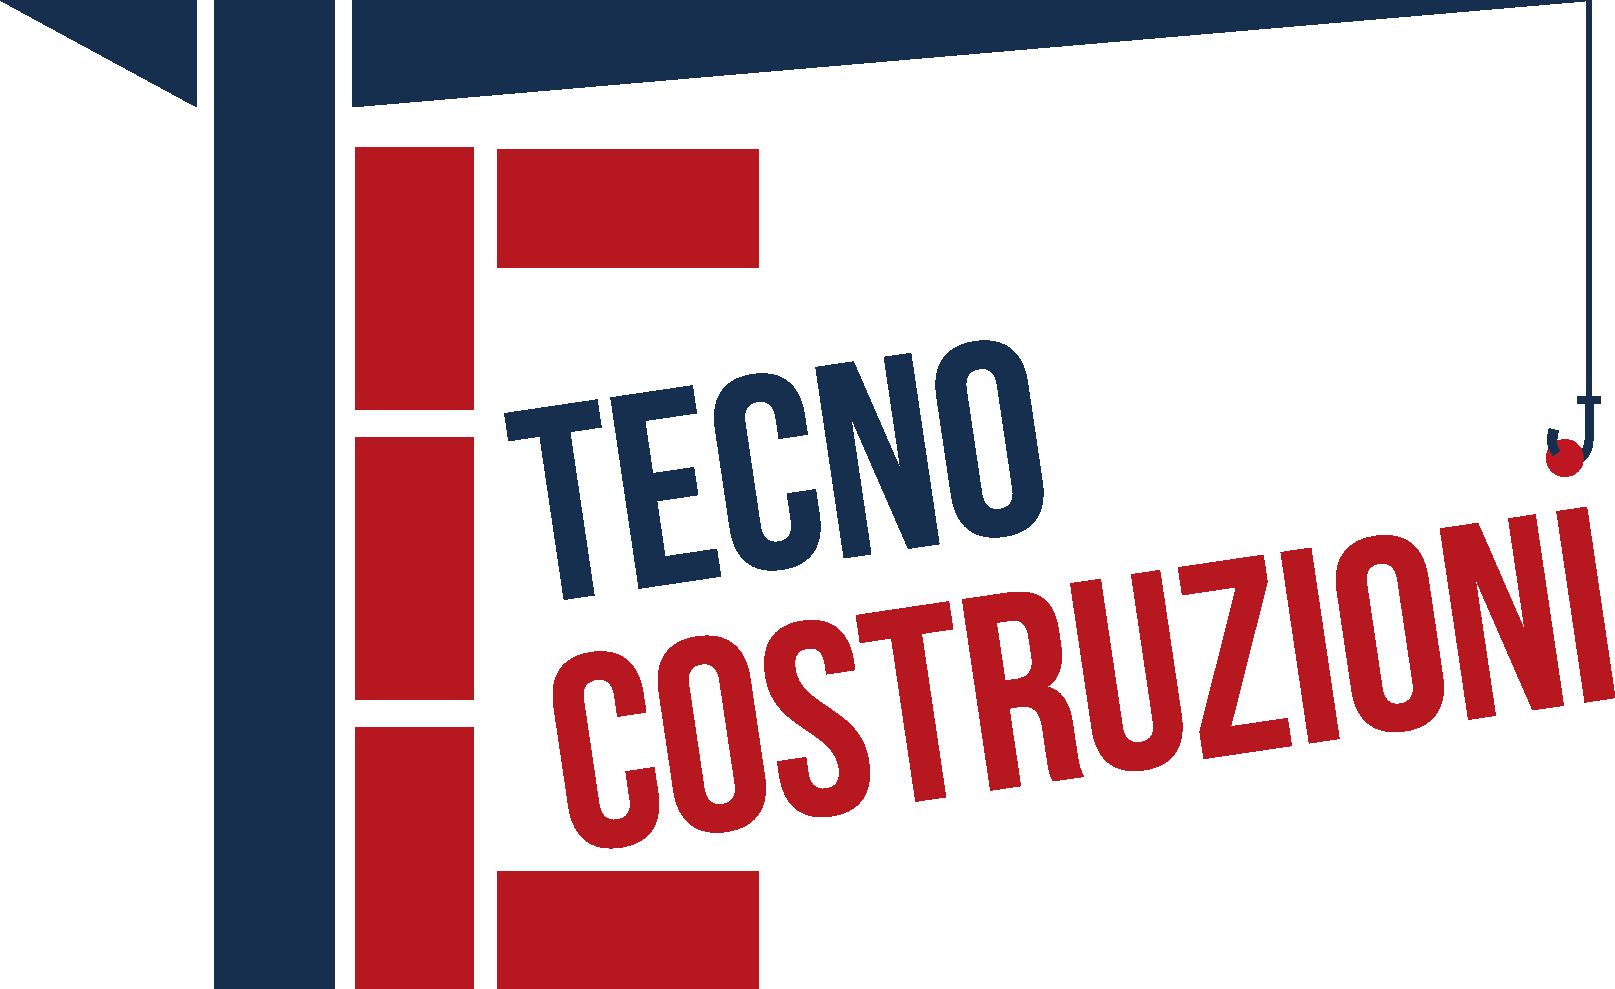 TECNO-COSTRUZIONI